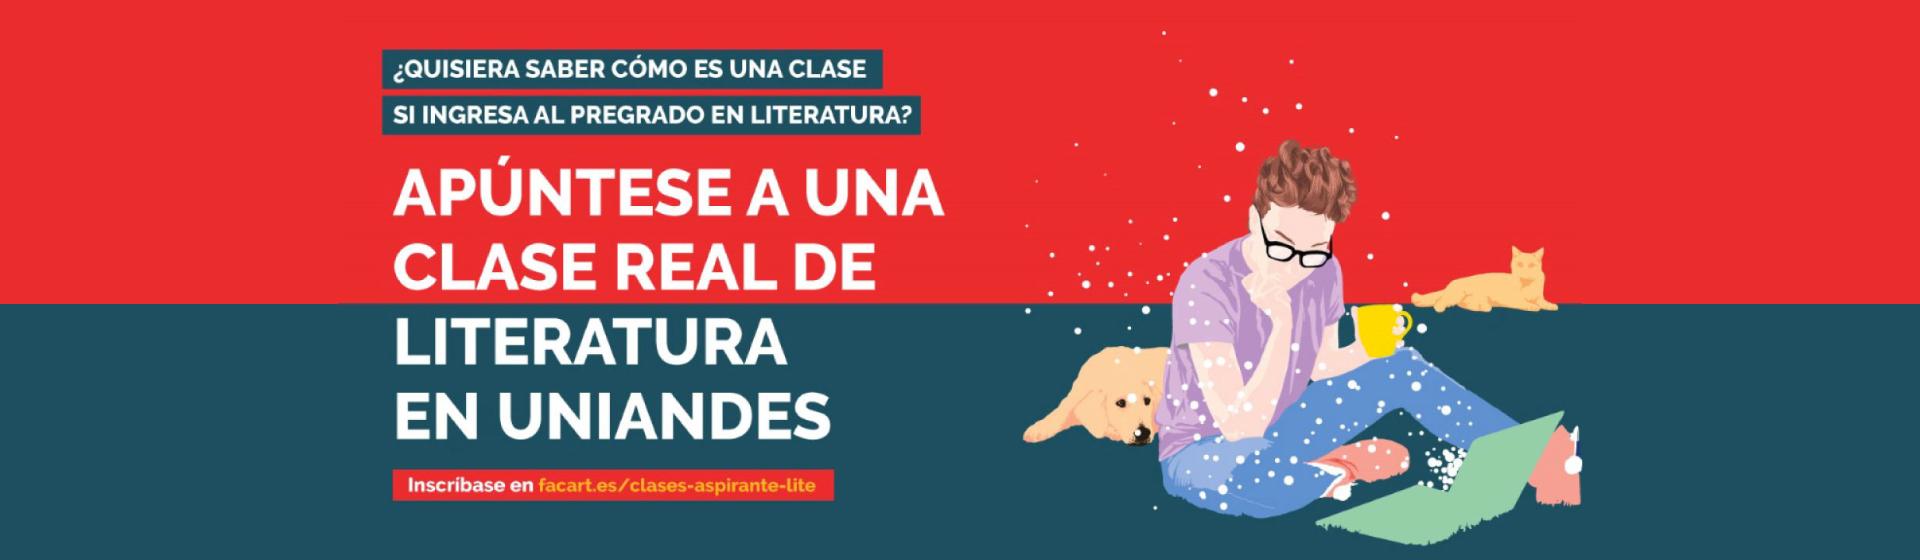 CLASE REAL DE LITERATURA EN UNIANDES